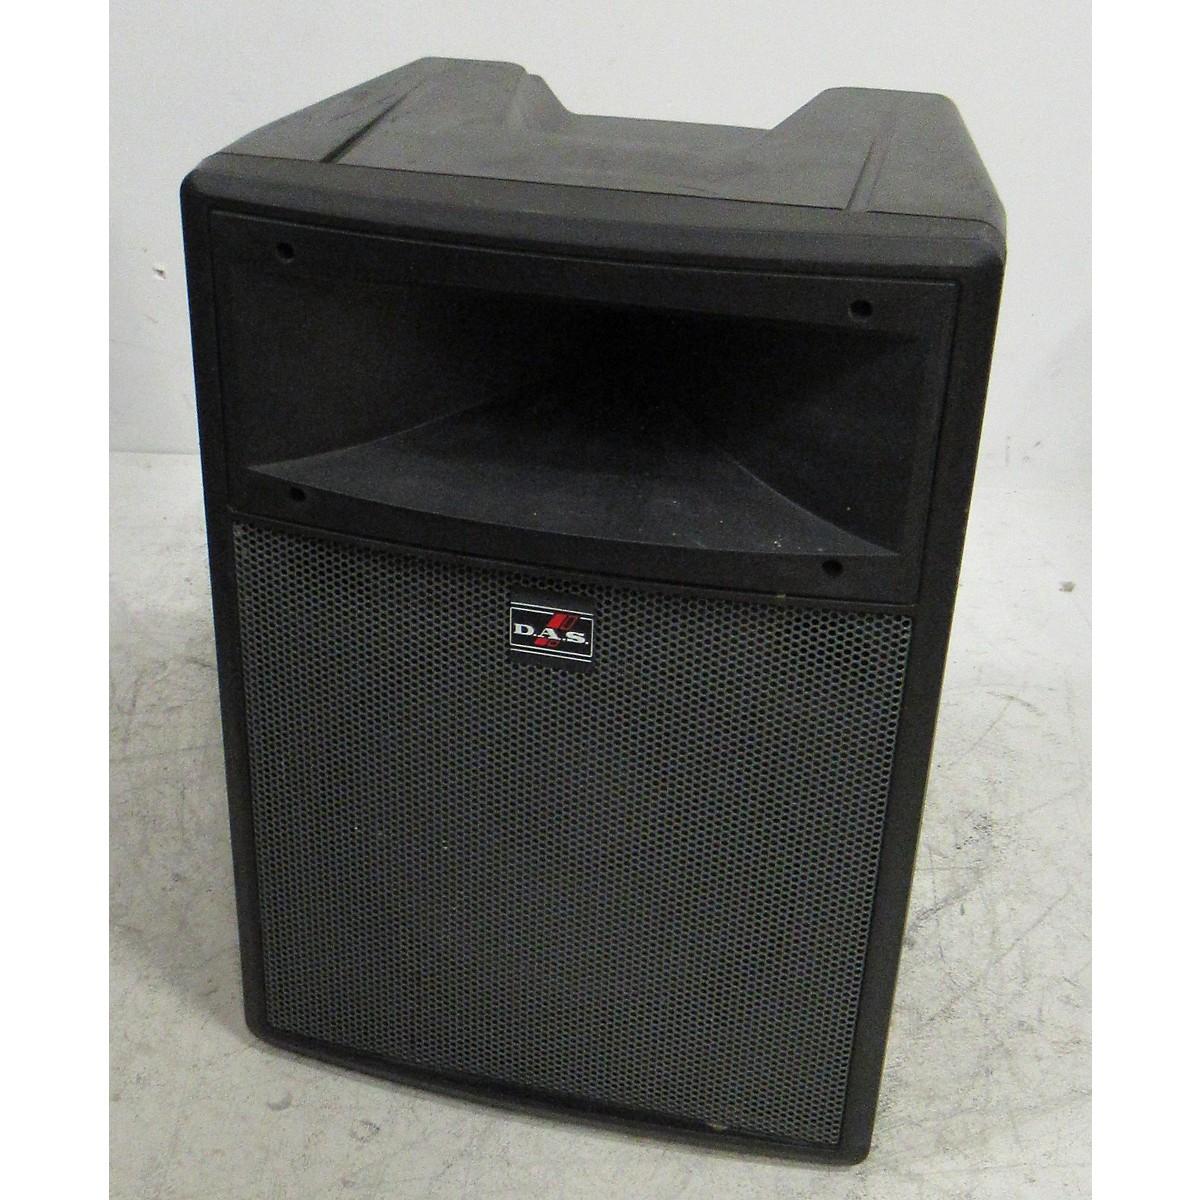 DAS AUDIO OF AMERICA DS-12 Powered Speaker